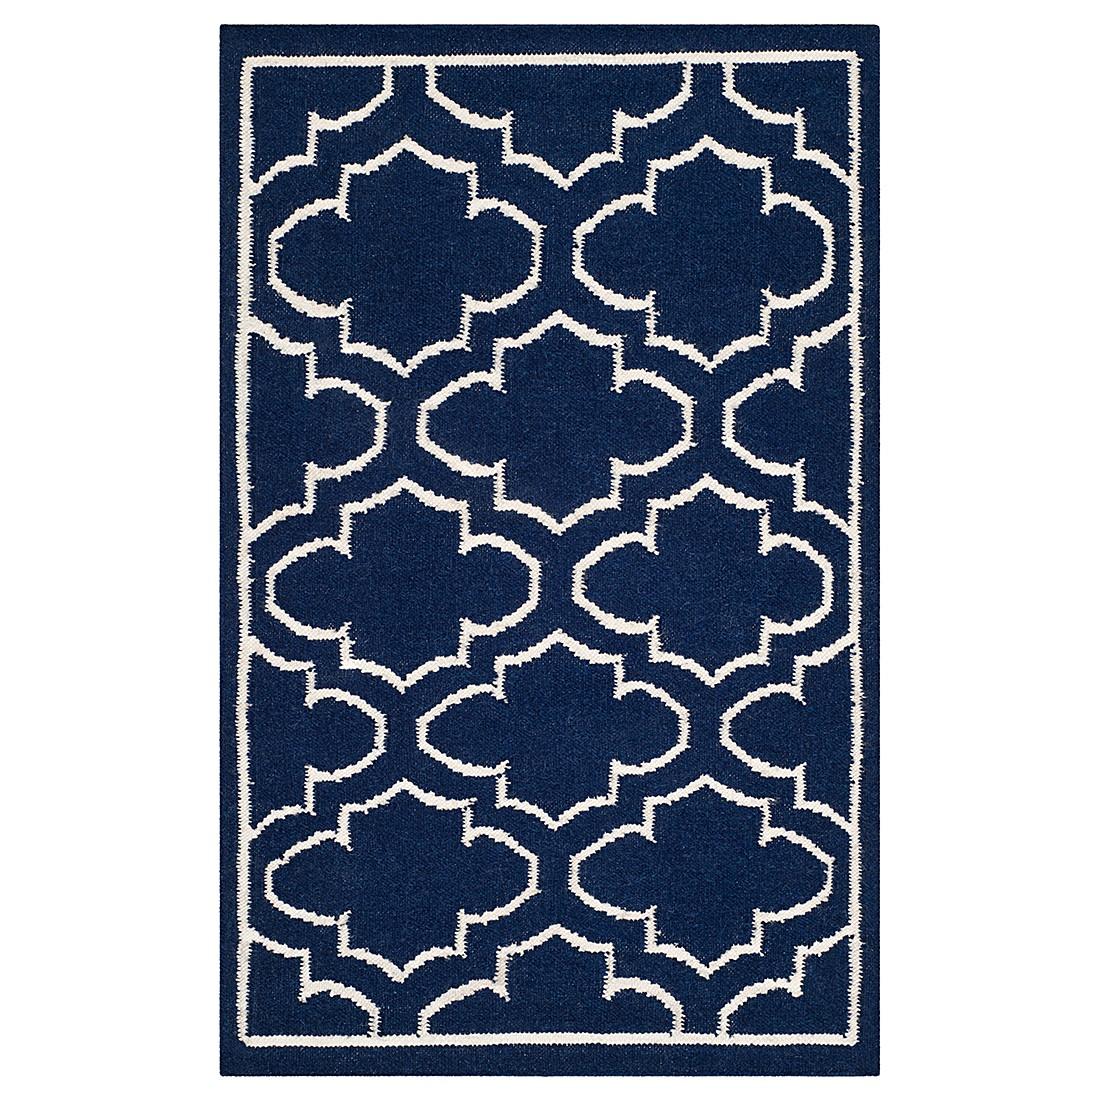 Teppich Agadir – Blau/Creme – 183 x 275 cm, Safavieh günstig bestellen